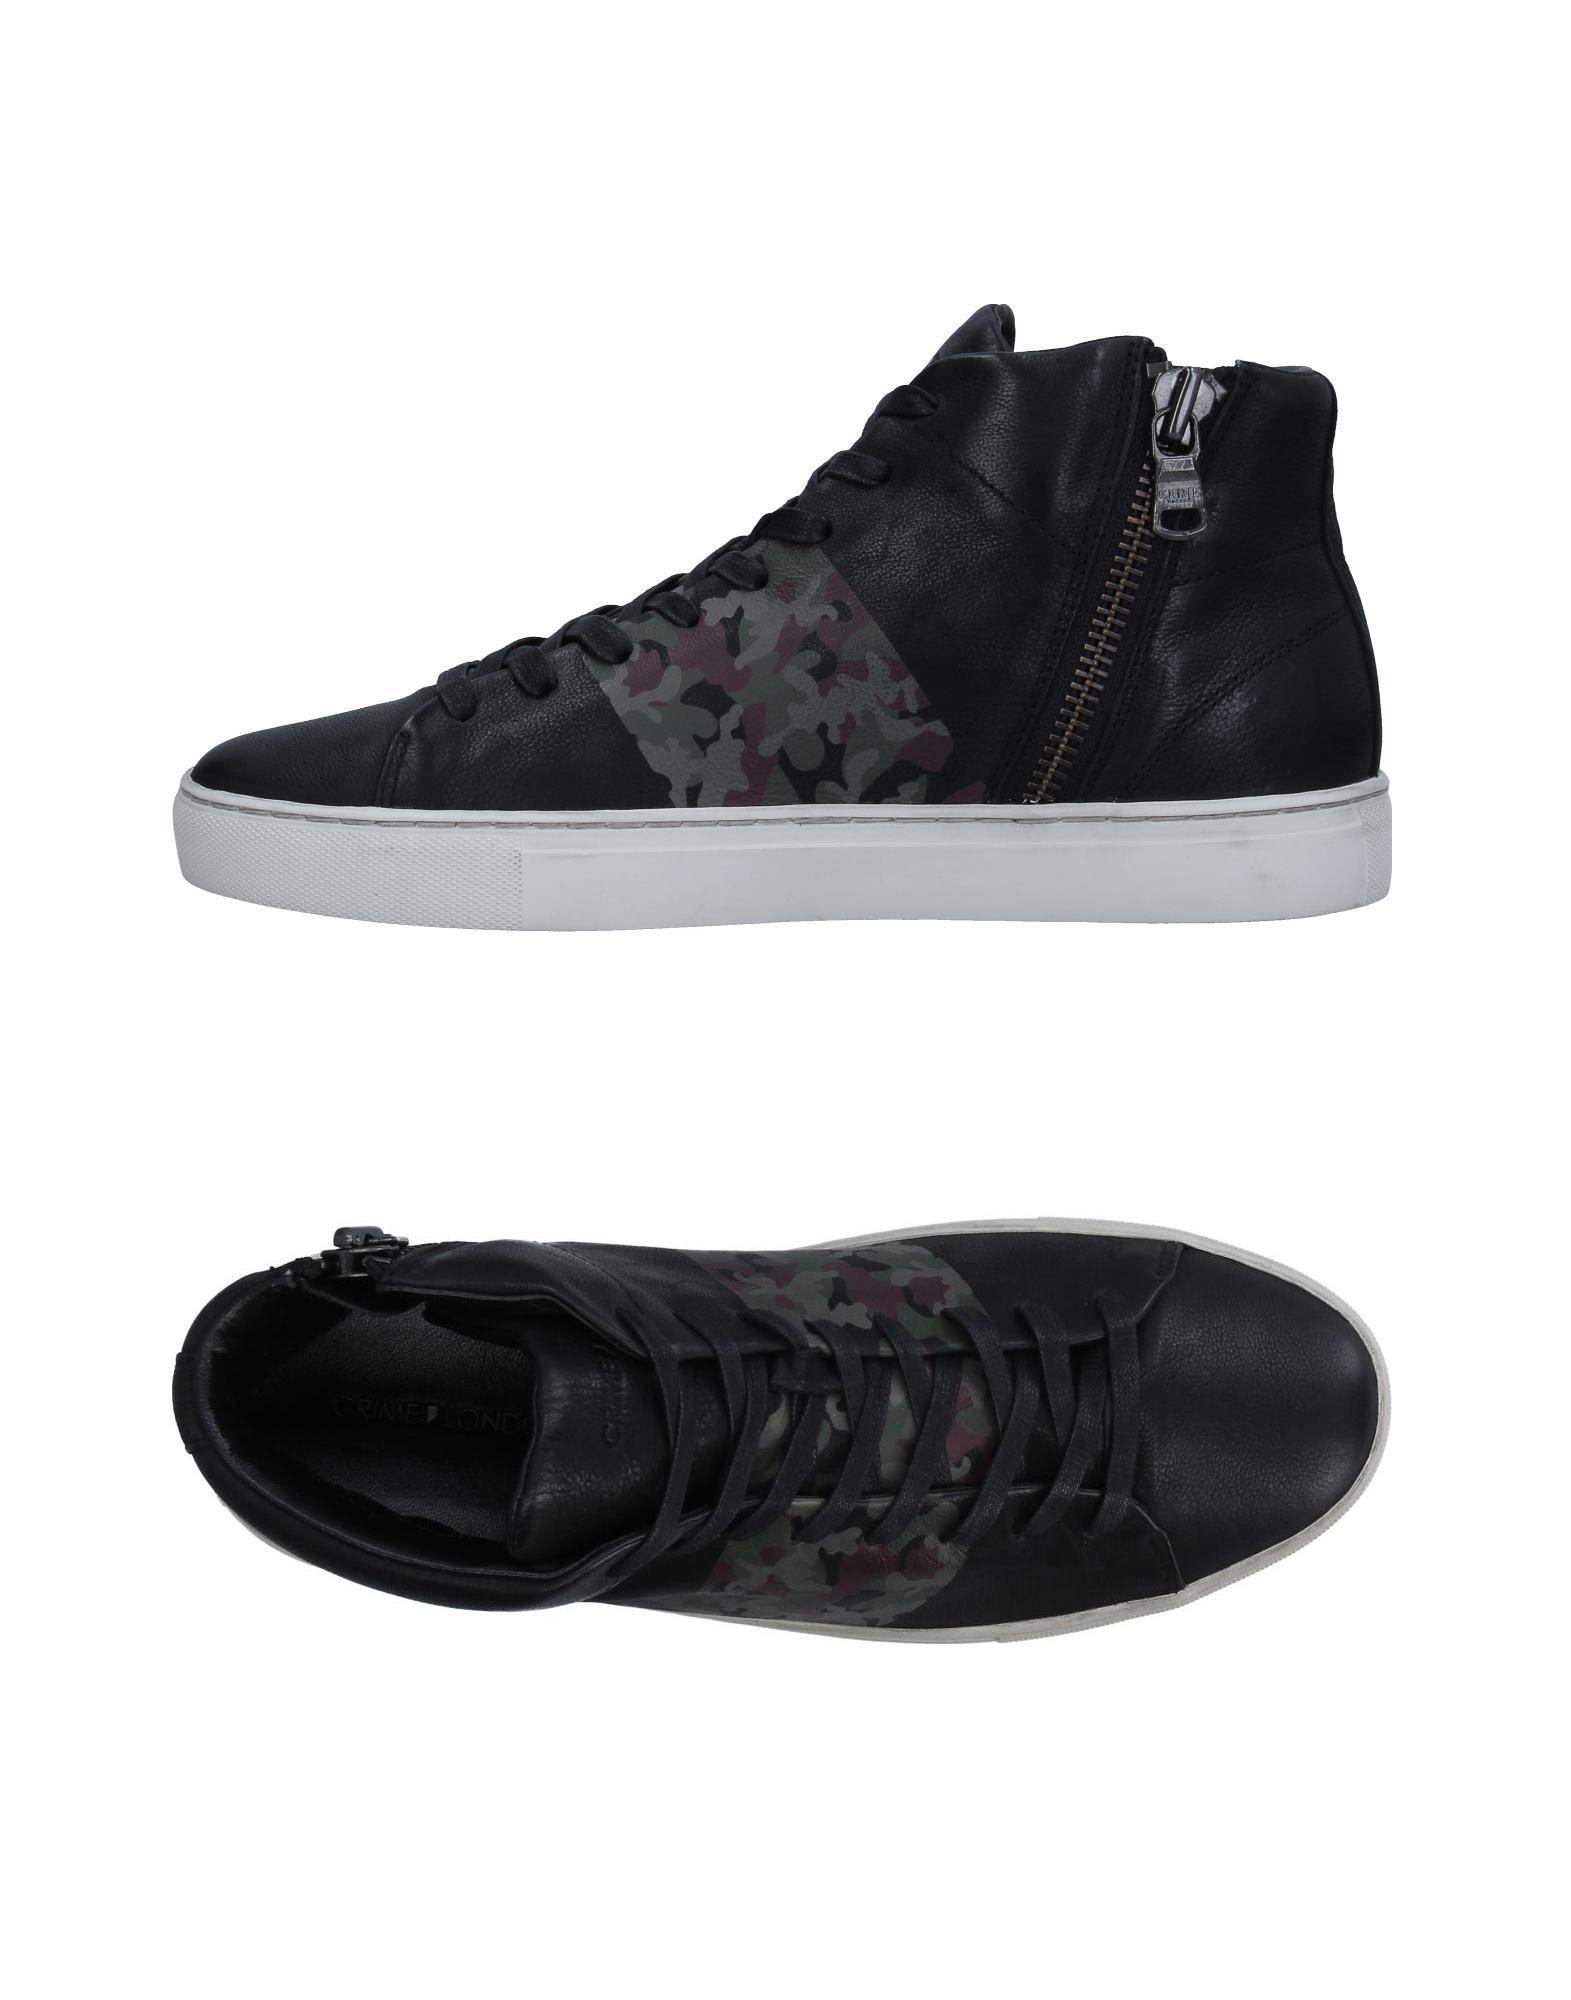 Rabatt echte Schuhe Crime London Sneakers Herren  11338235ON